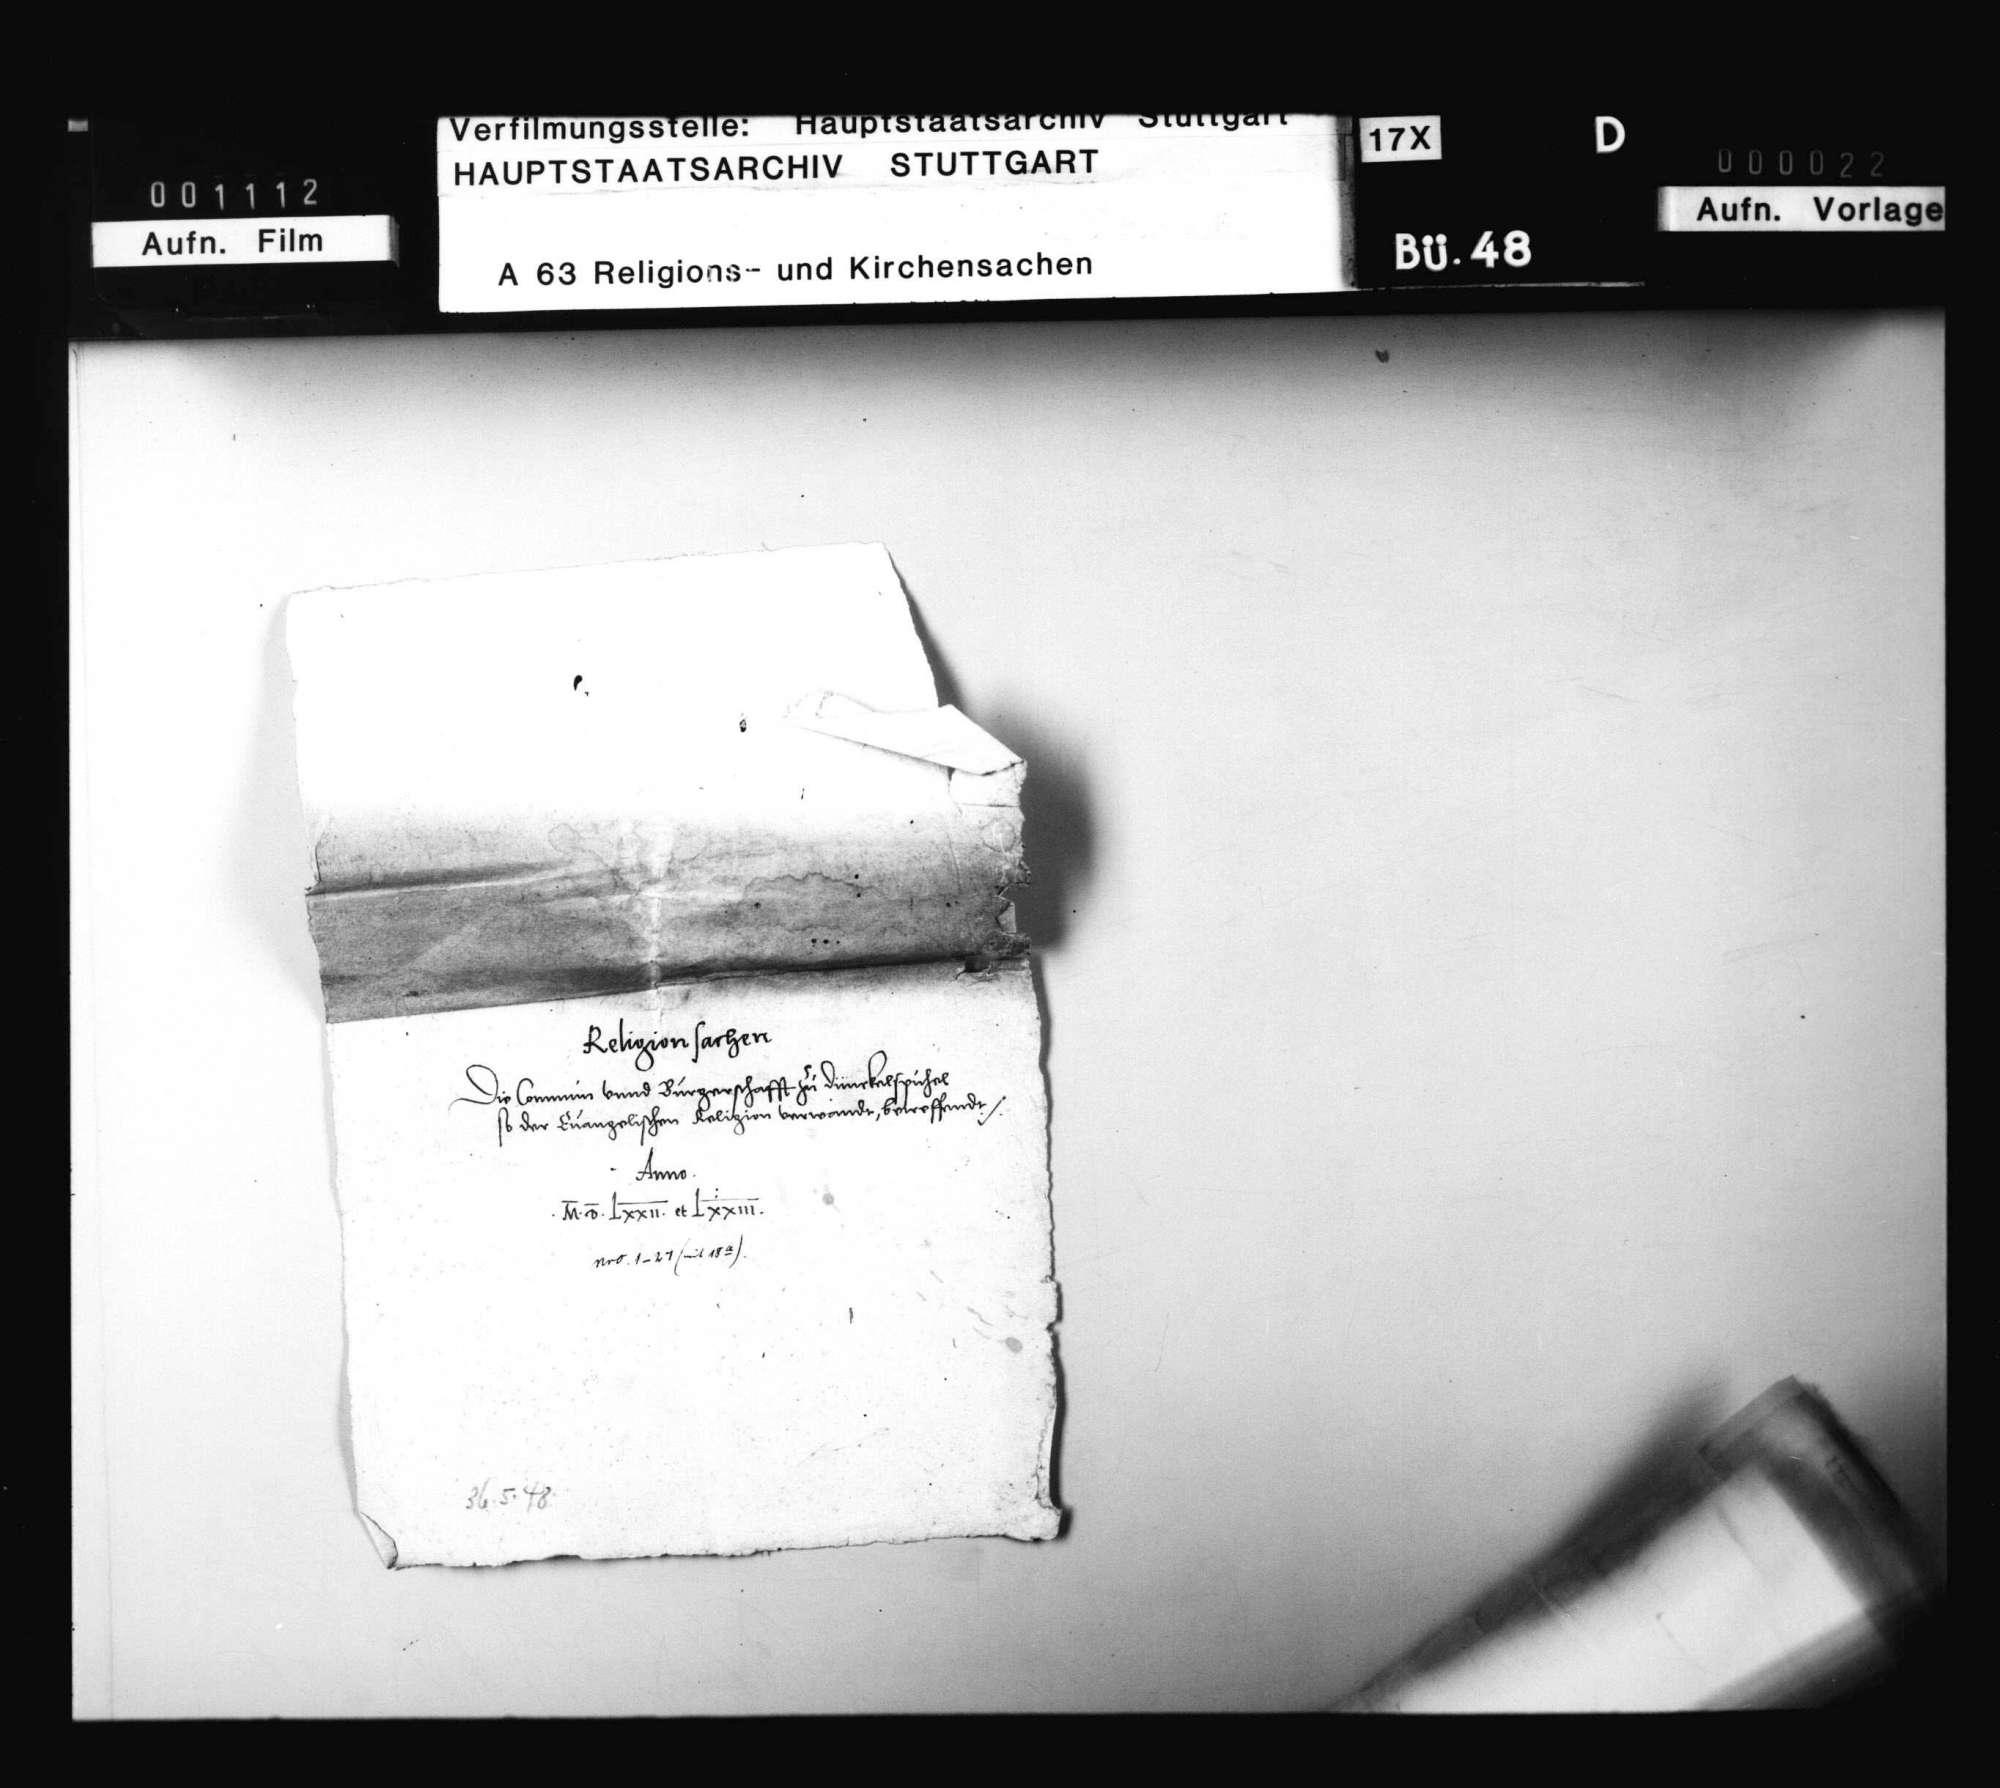 Schriften, betreffend die Verwendung Herzog Ludwigs für die Evangelischen in der Stadt Dinkelsbühl., Bild 1